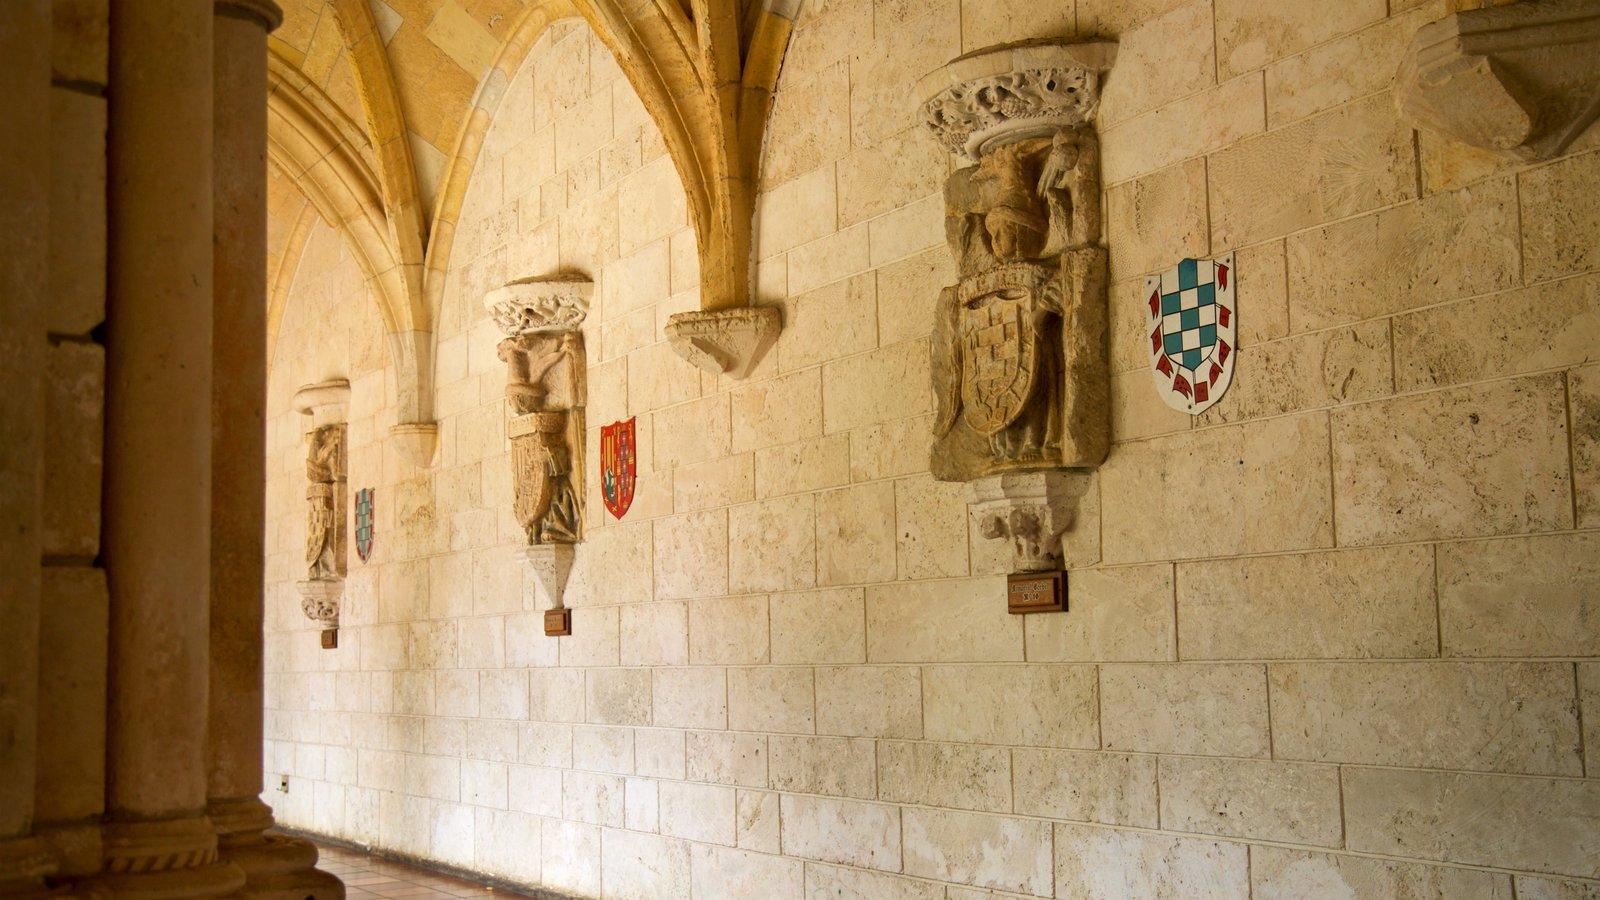 Antiguo Monasterio Español ofreciendo vistas interiores y elementos del patrimonio